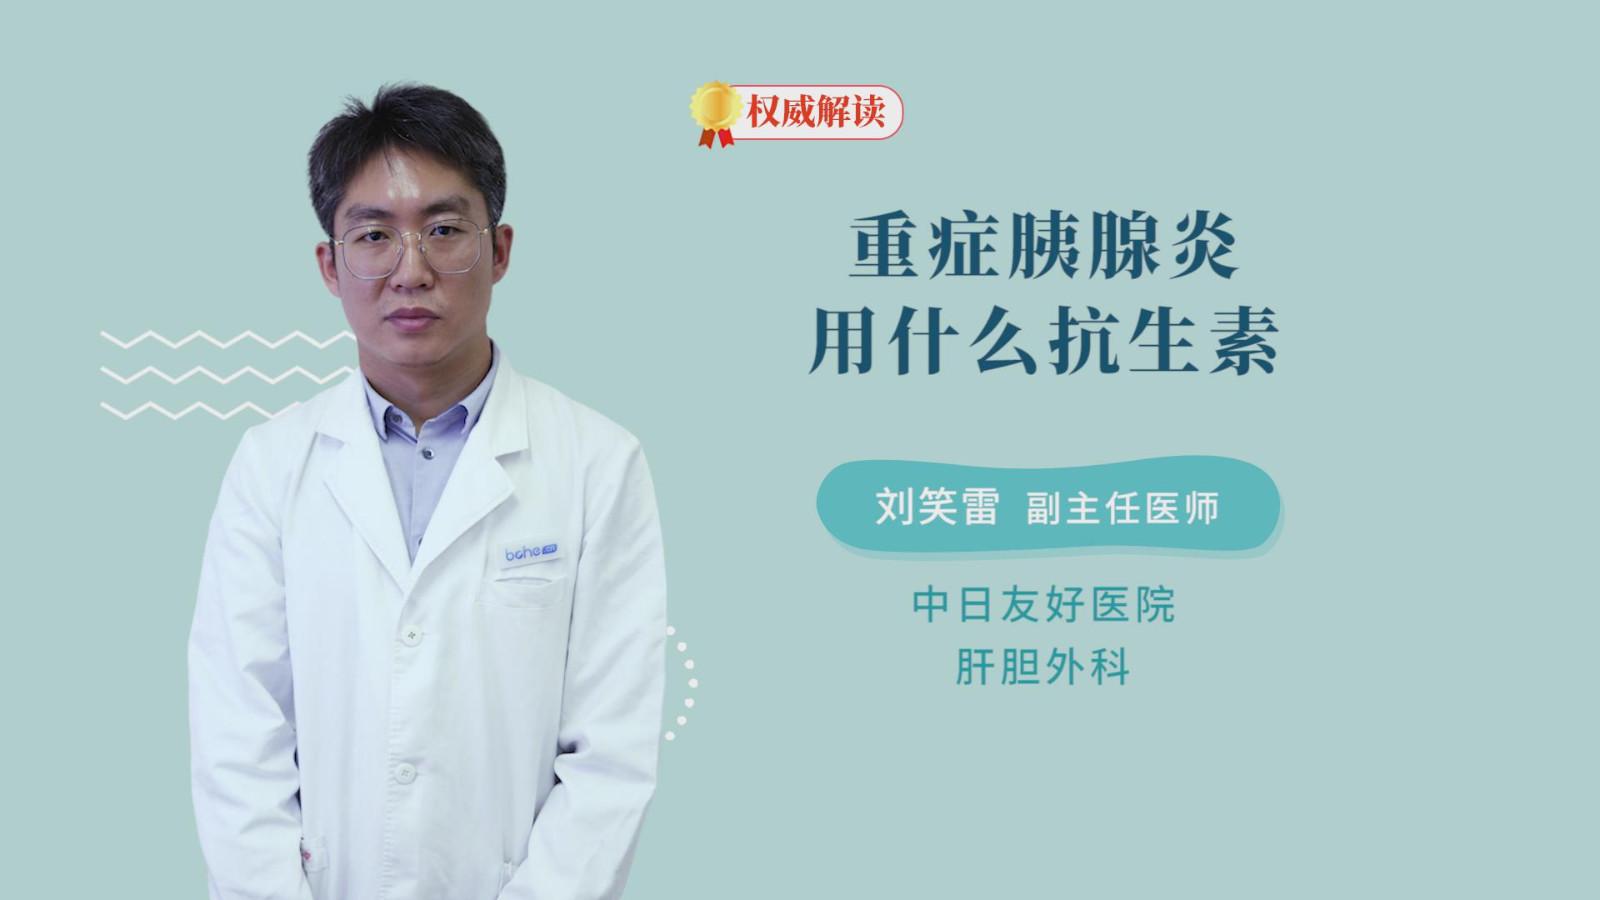 重症胰腺炎用什么抗生素